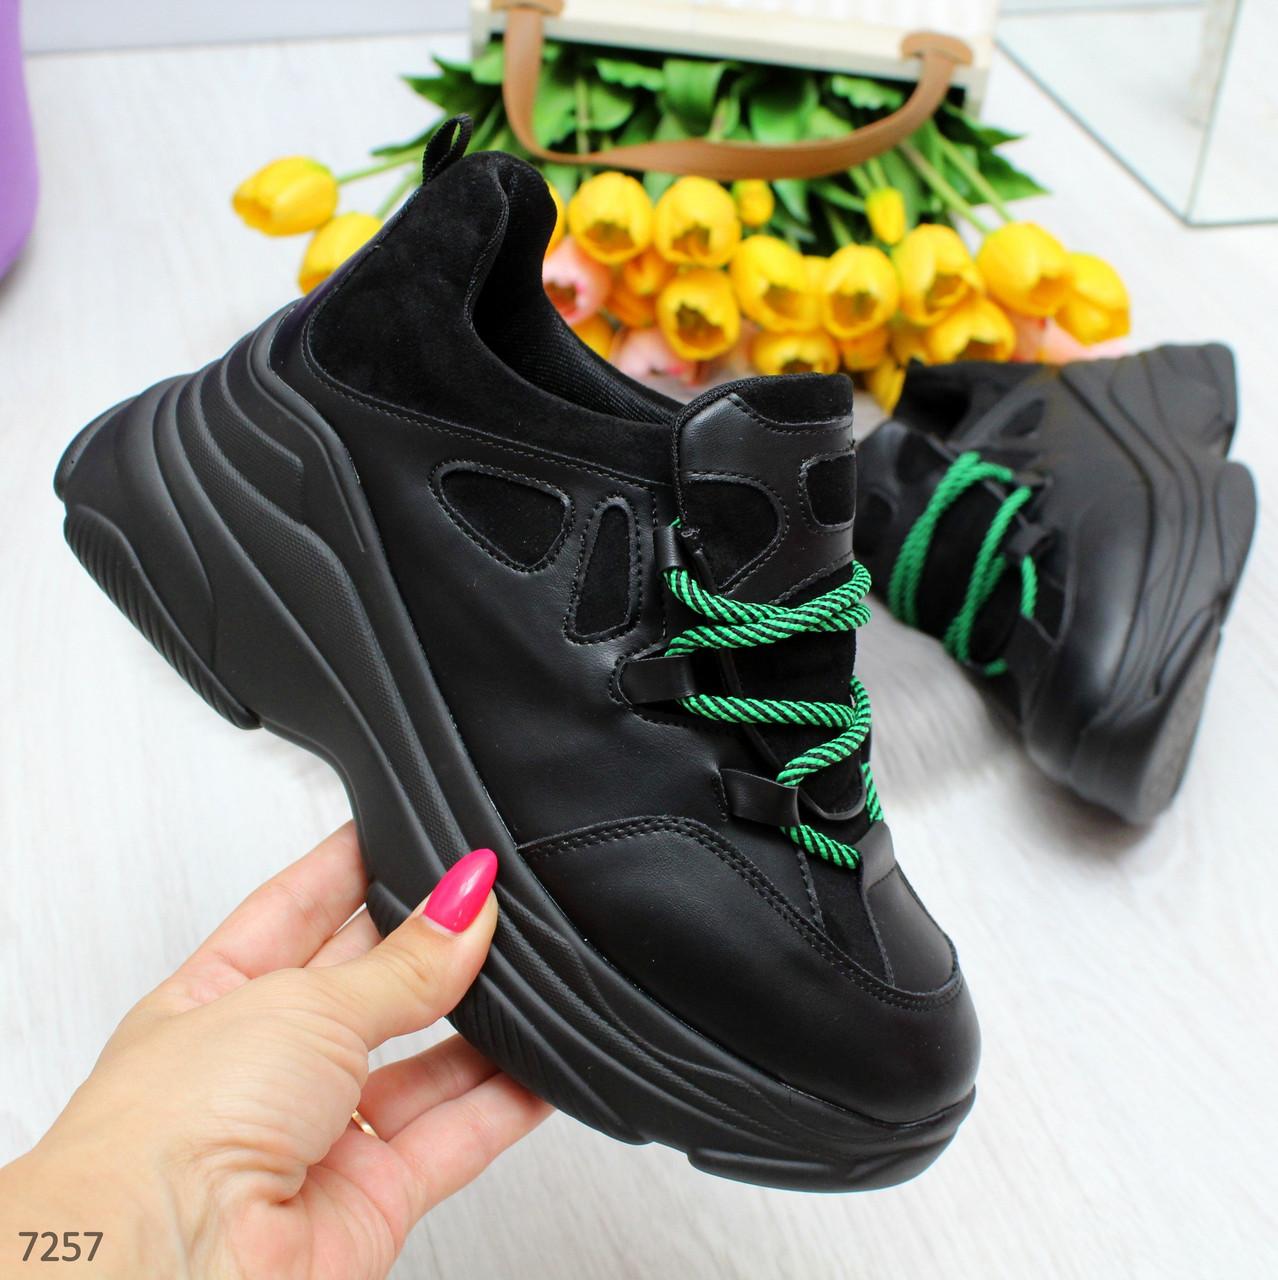 Крутые черные дизайнерские женские кроссовки сникерсы на зеленой шнуровке